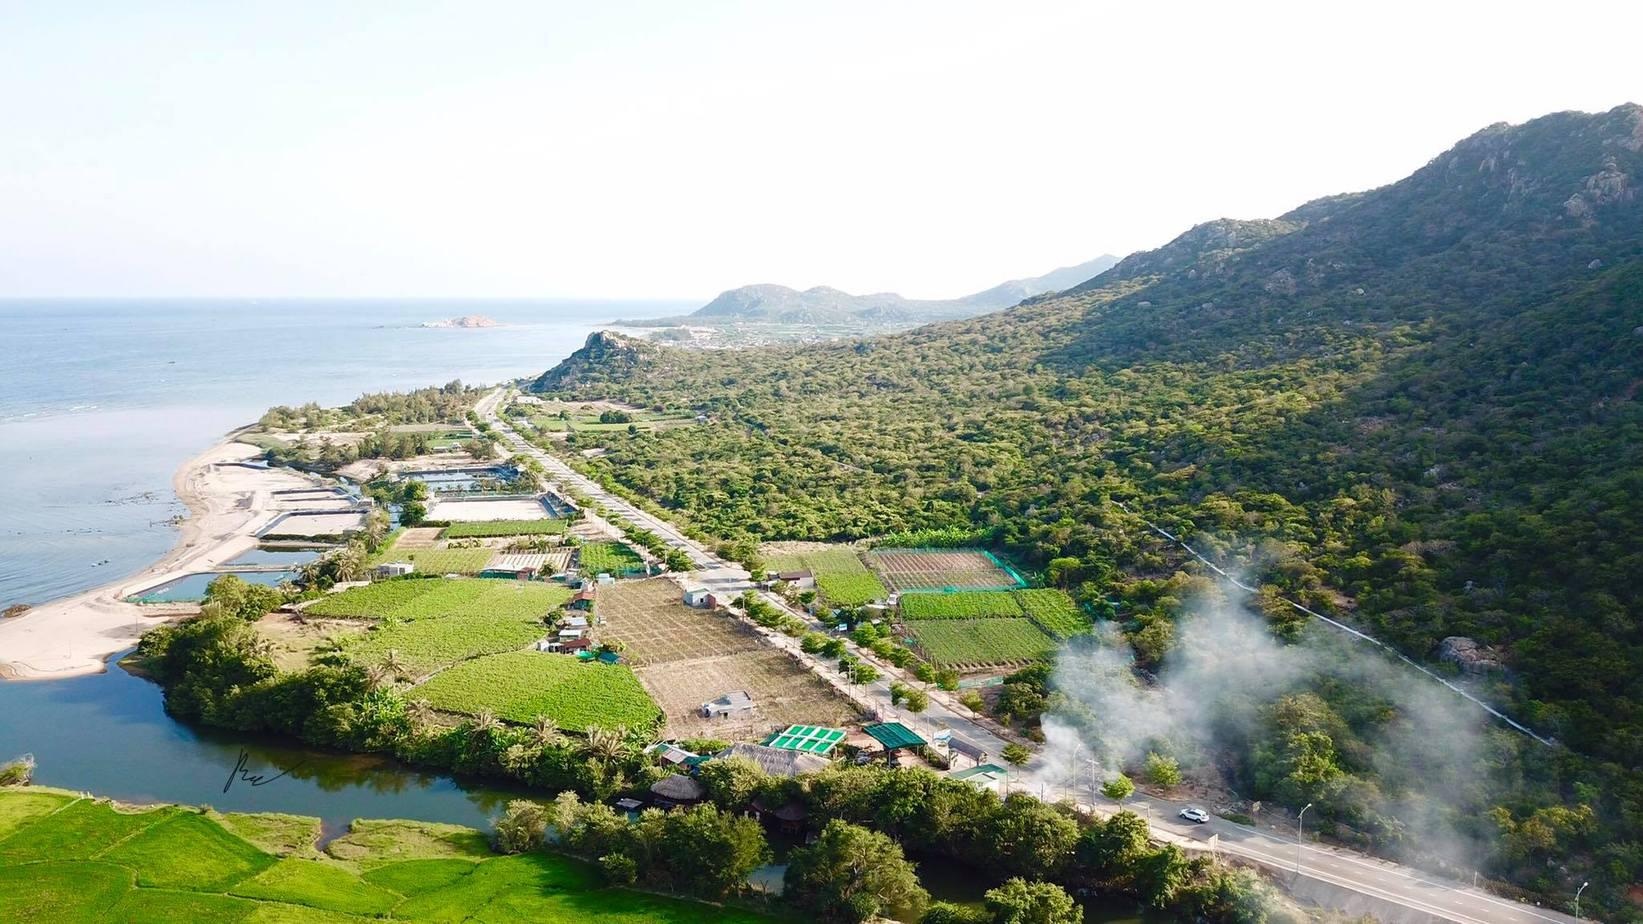 Vườn quốc gia Núi Chúa khi nhìn từ trên cao